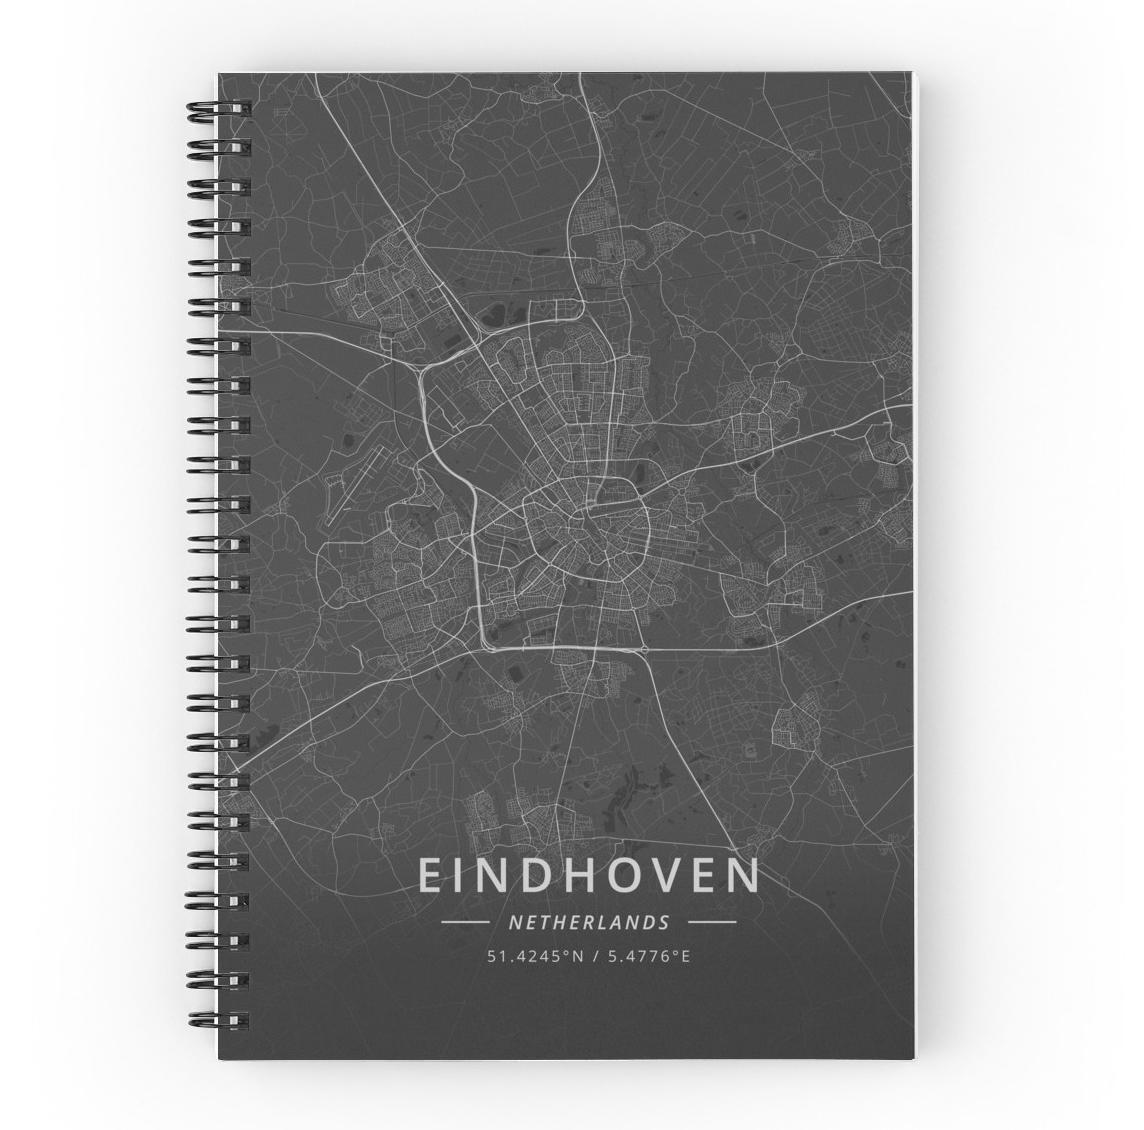 Eindhoven Netherlands Dark Map, by DesignerMapArt | ByMaSOLE